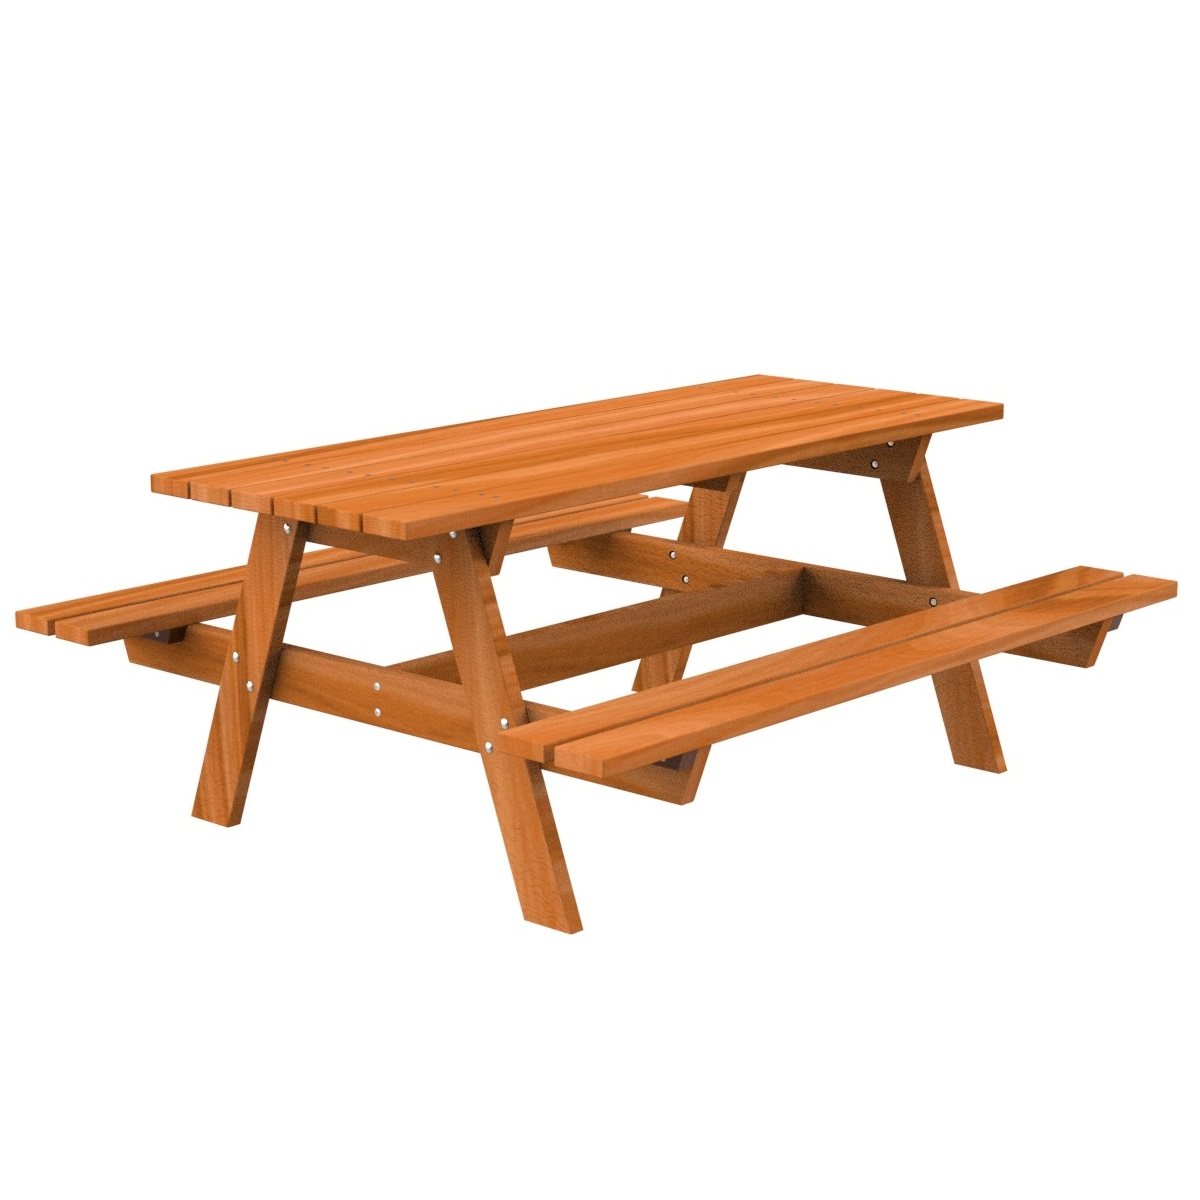 Mesa picnic madera tropical mobiliario urbano parques y - Mesa de madera para jardin ...